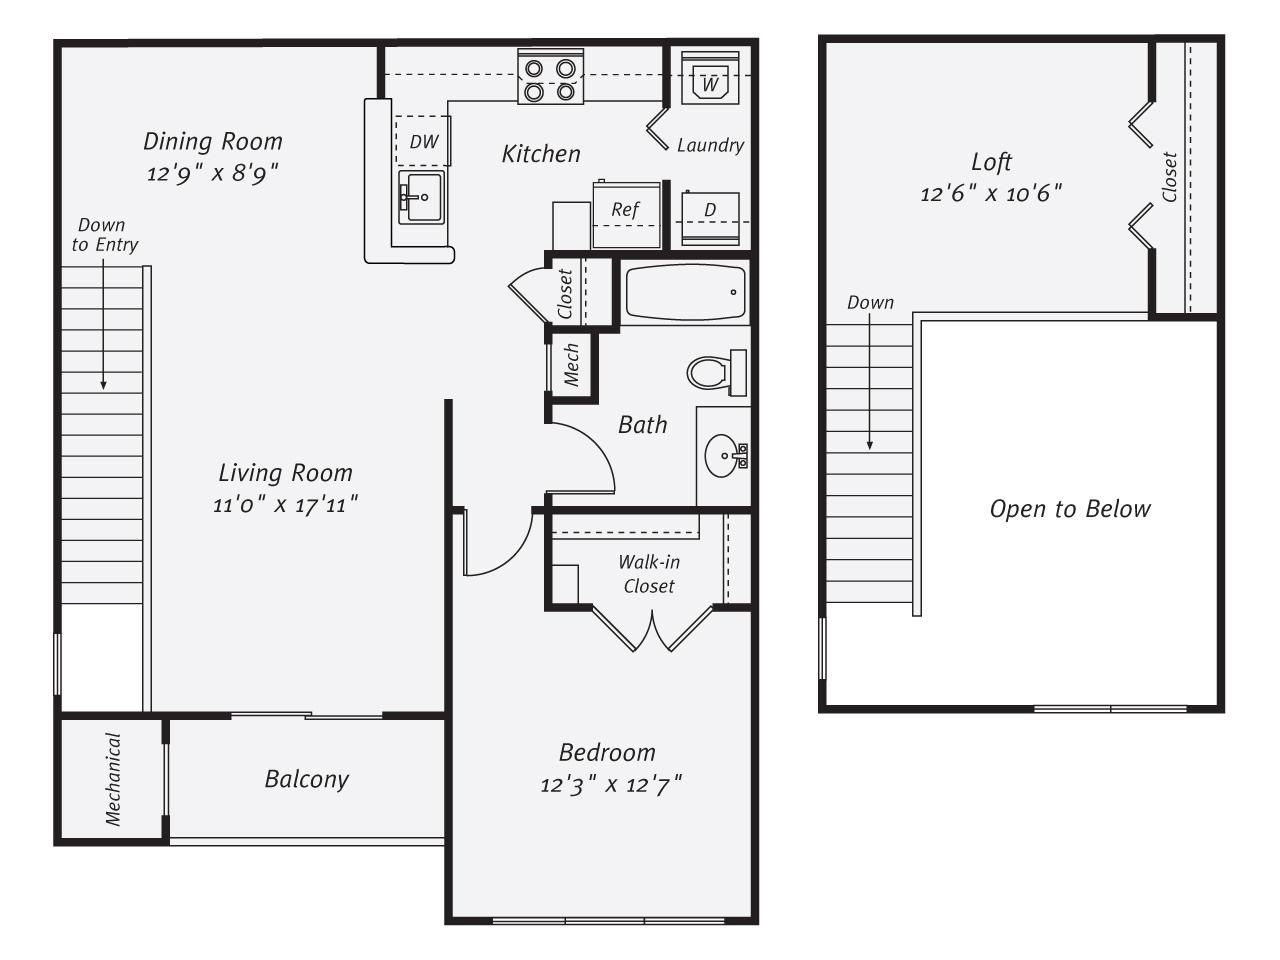 Ny coram thepointatpineridge p0571769 ny014 a6l 2 floorplan